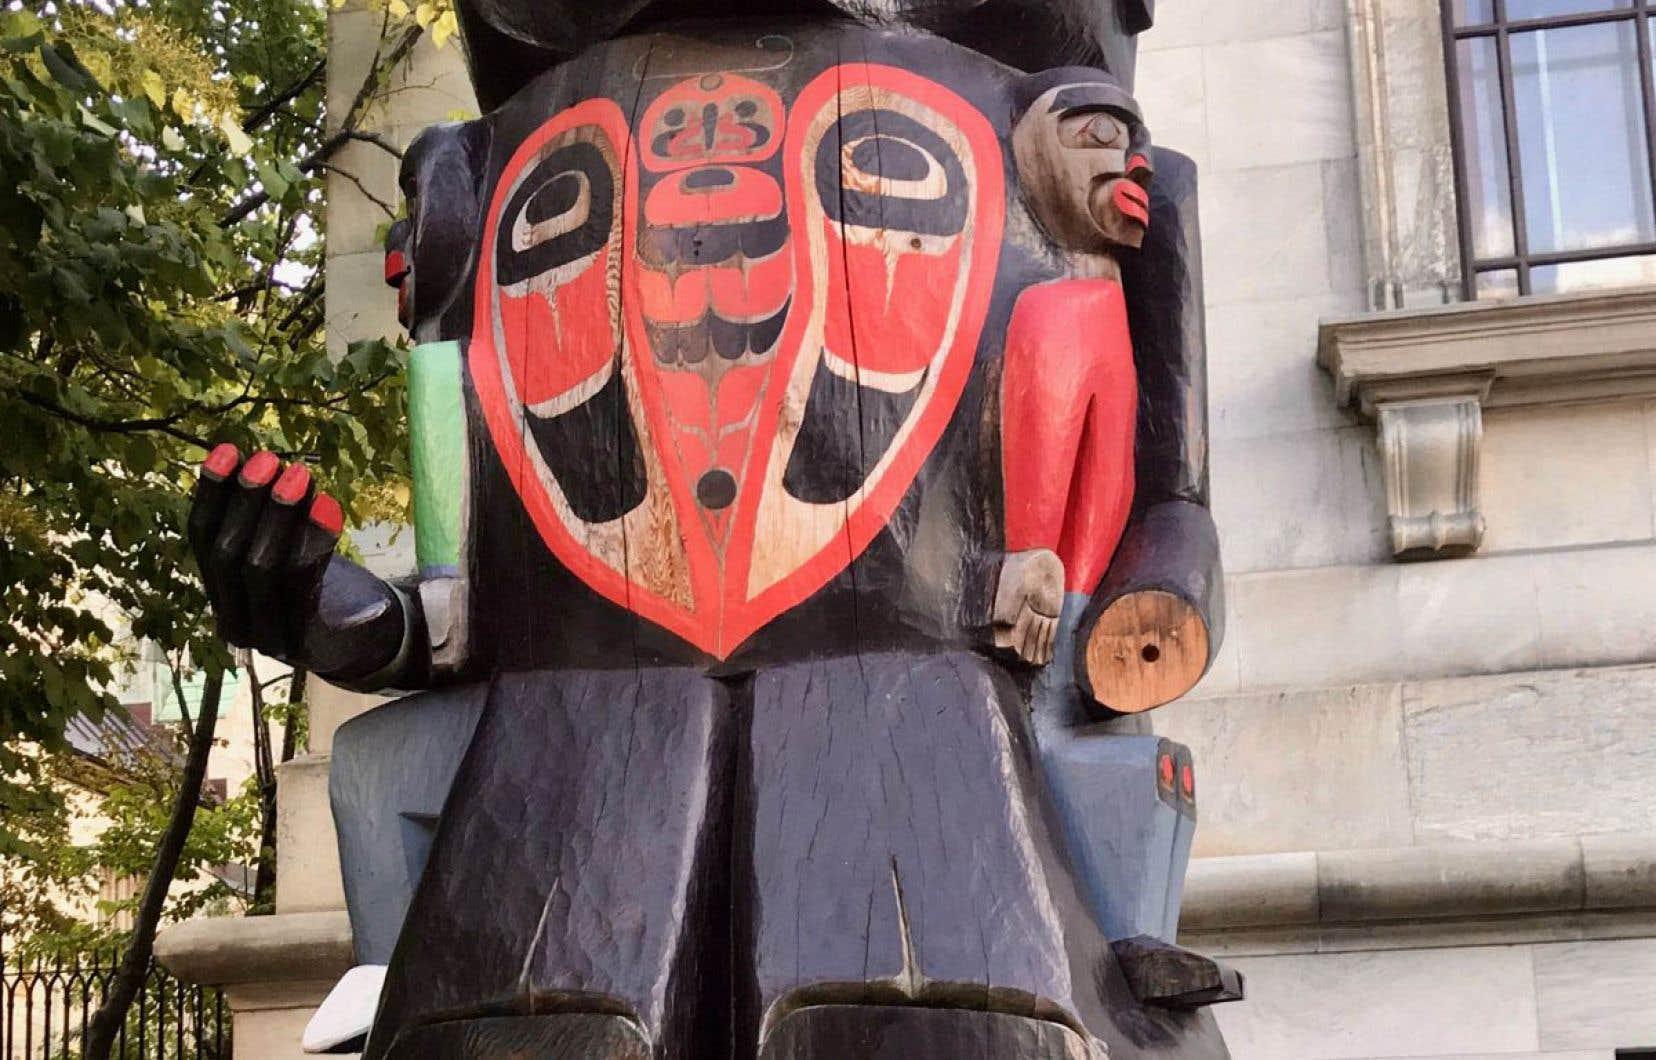 La main gauche du «Mât totémique du pensionnat», sculpté par l'artiste Charles Joseph et exposé depuis deux ans devant le Musée des beaux-arts de Montréal, avait été subtilisée le 20 septembre dernier.